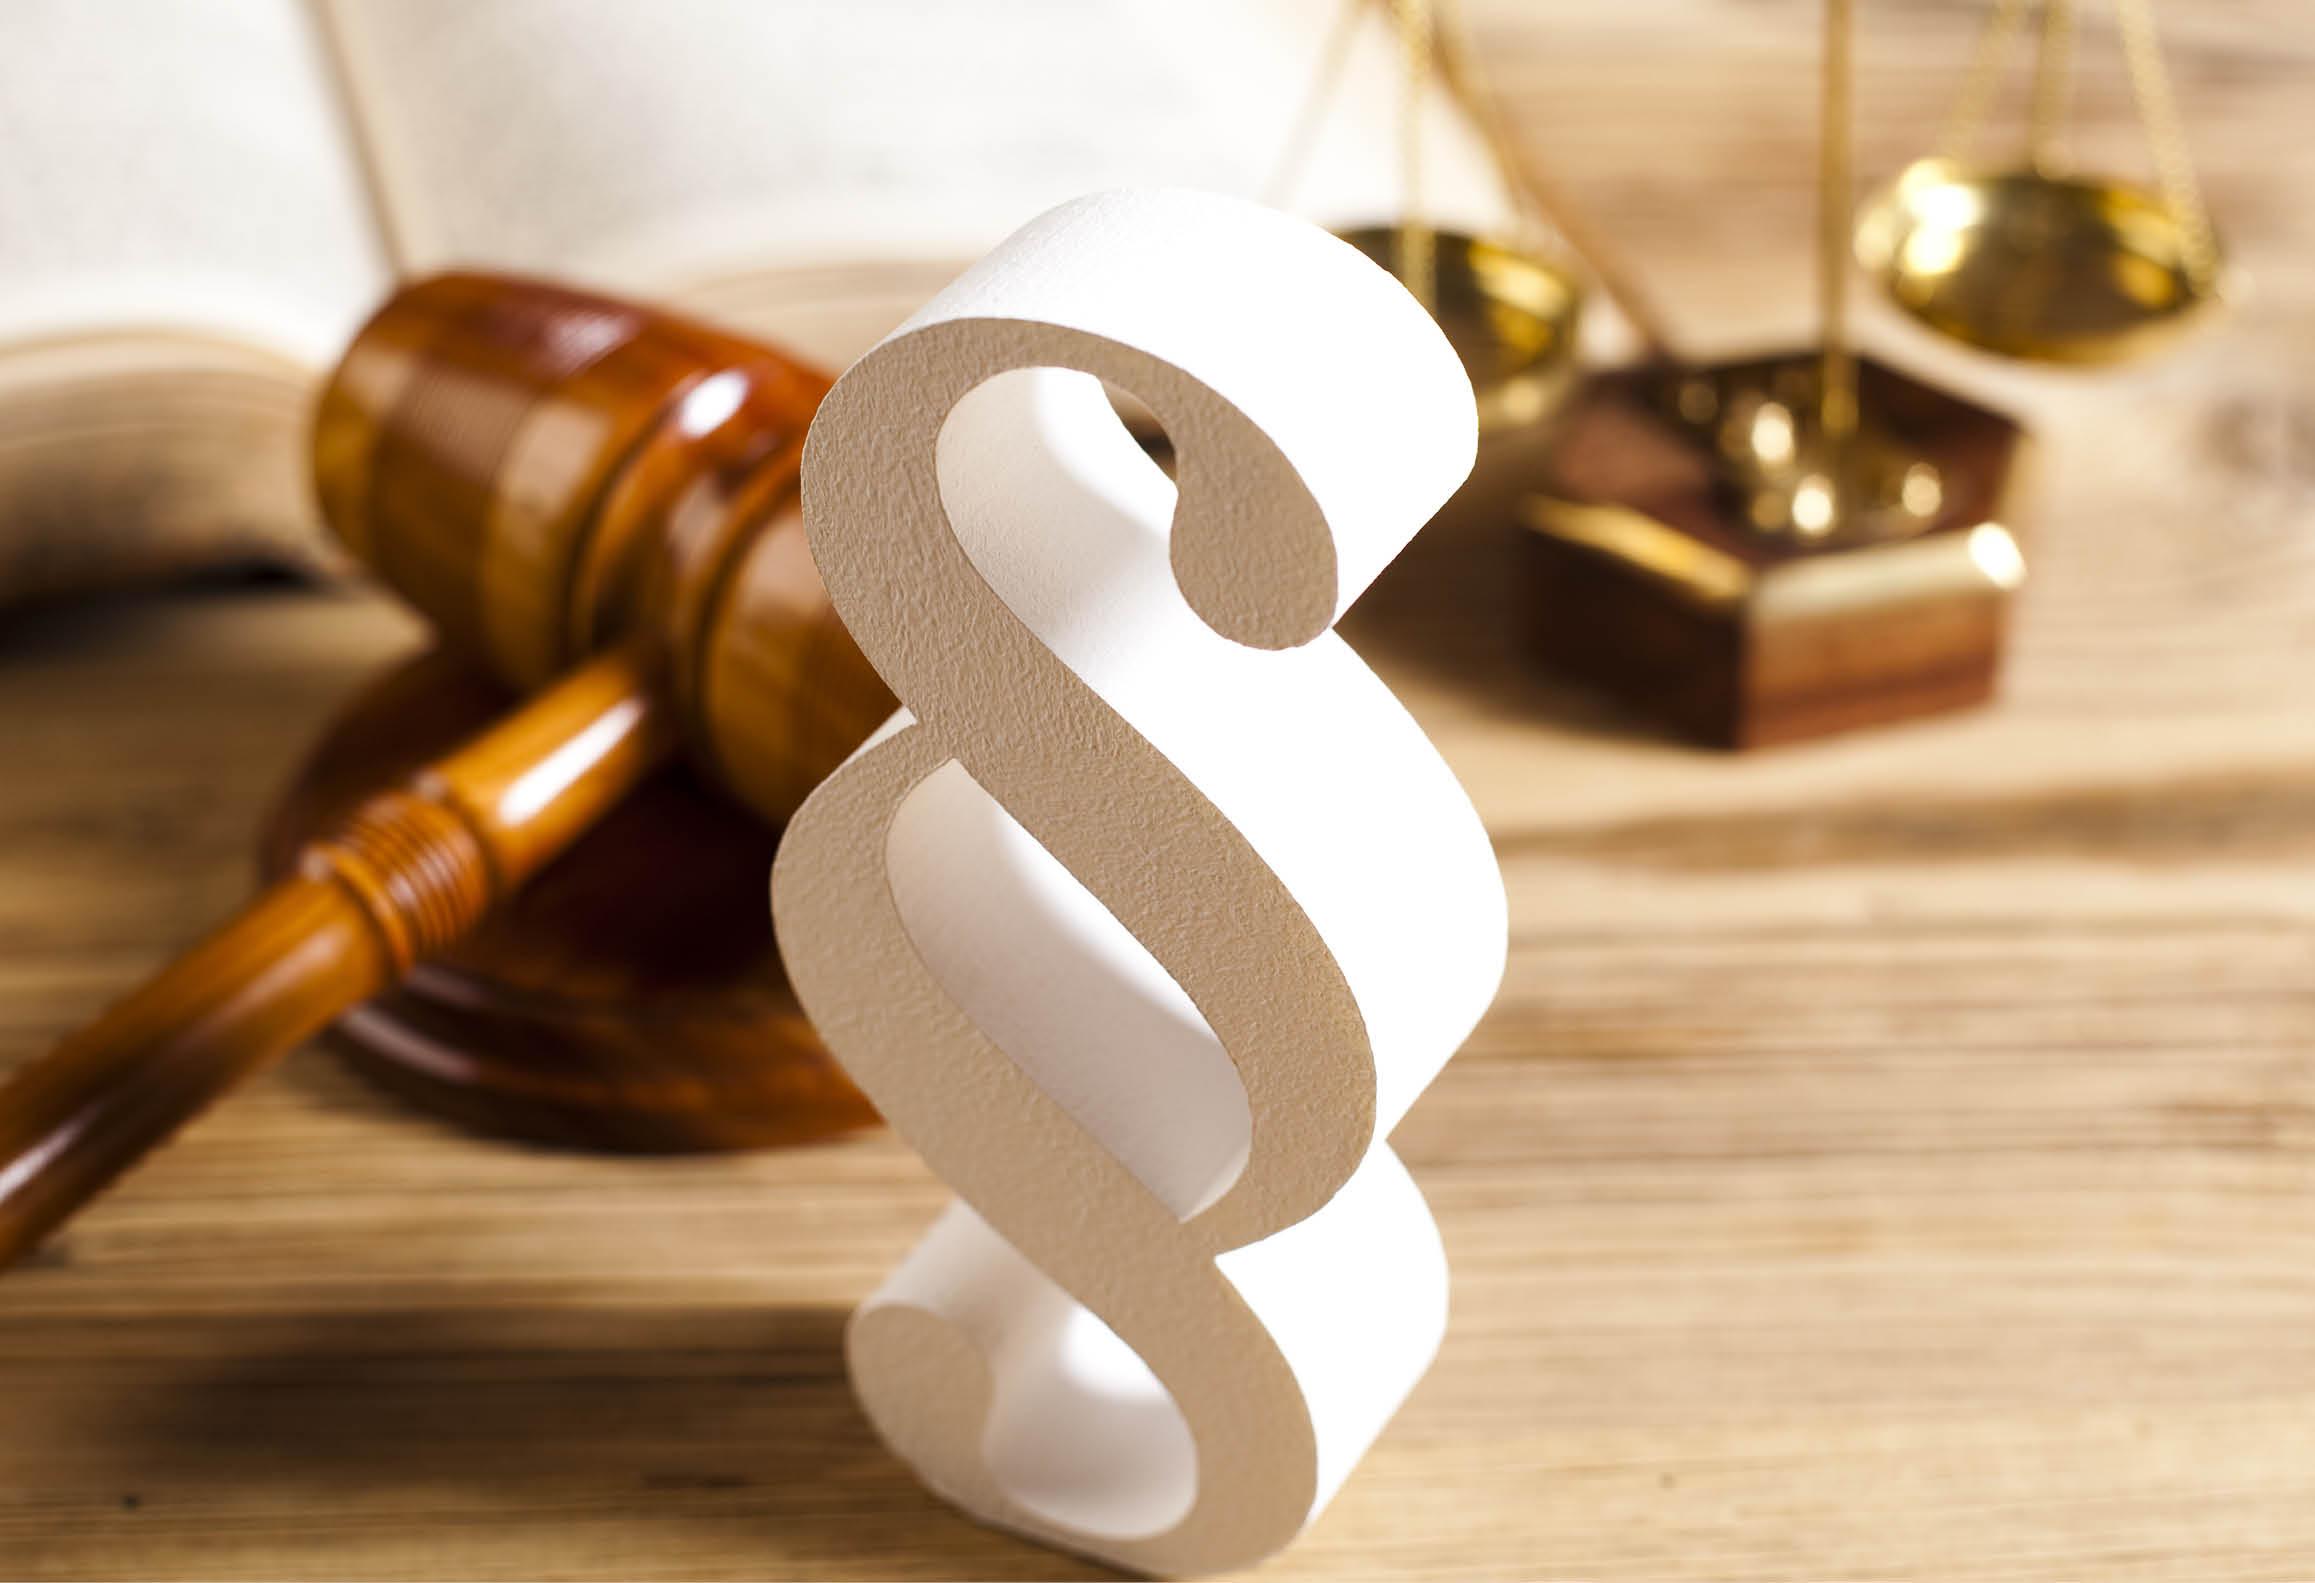 Domstolsklubba, lagbok, tecken för lagparagraf och vågskål